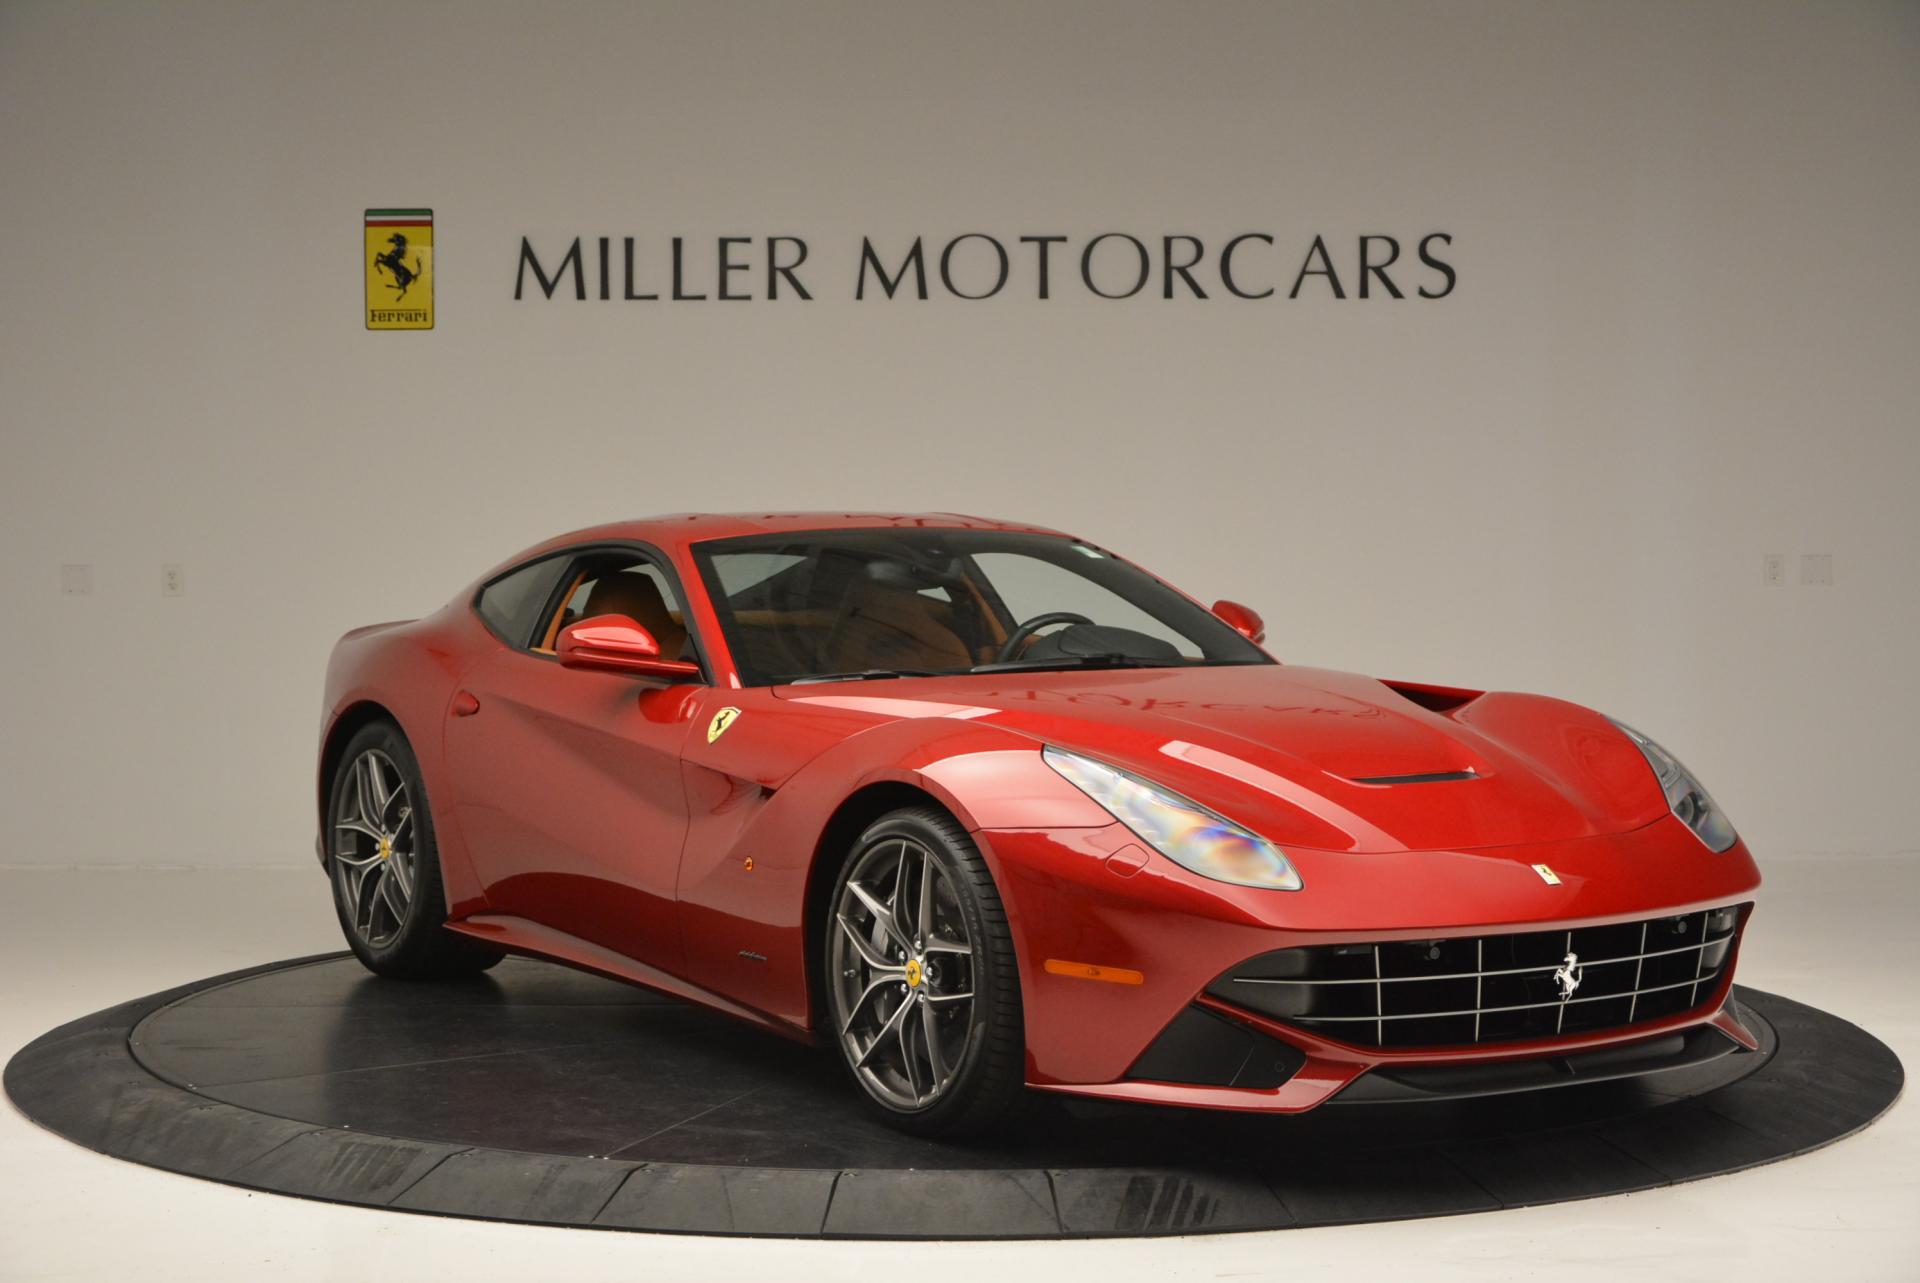 Used 2014 Ferrari F12 Berlinetta  For Sale In Greenwich, CT. Alfa Romeo of Greenwich, 4393 149_p11